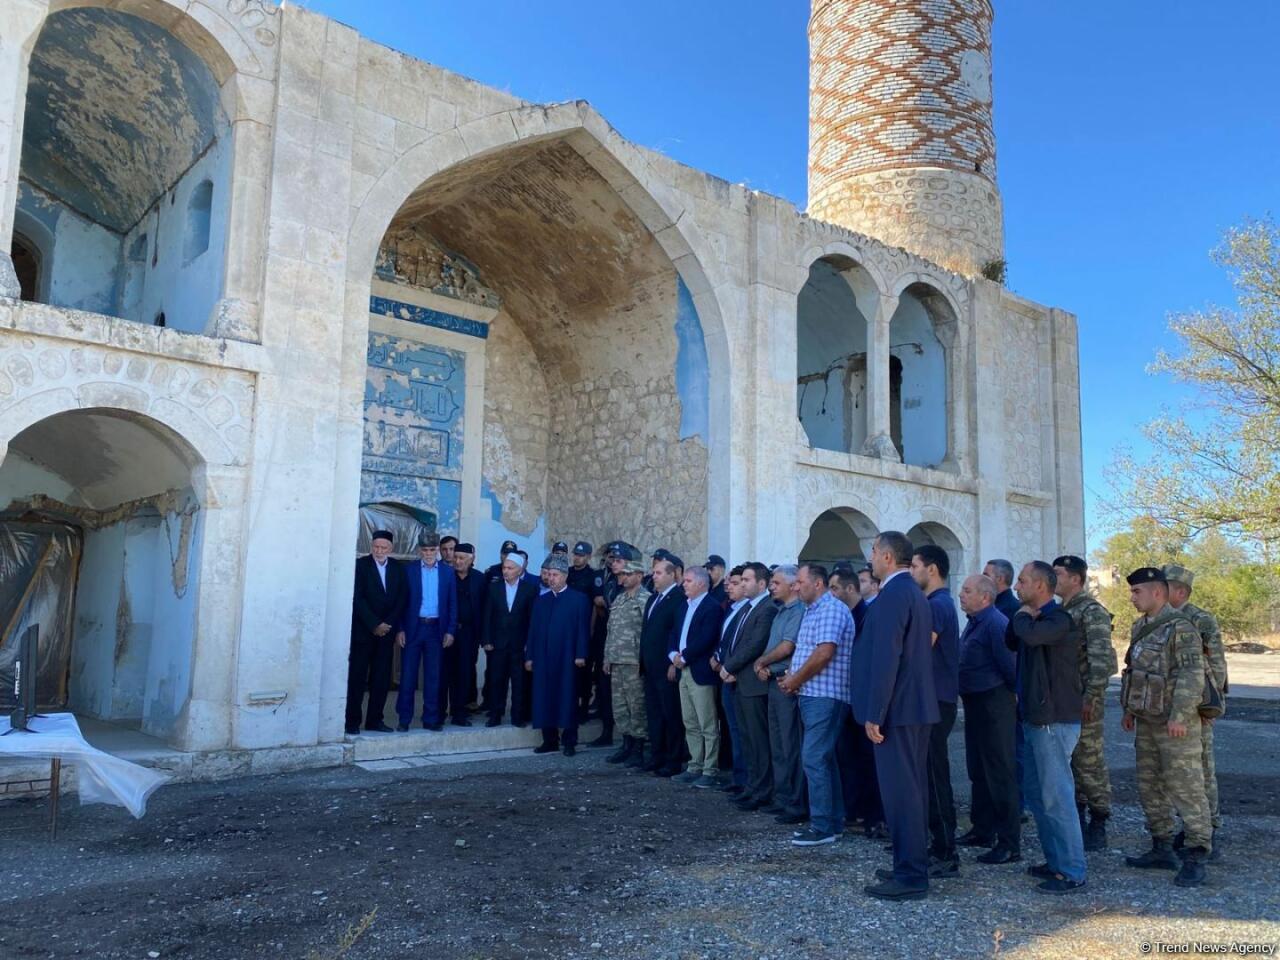 Обращение Президента Ильхама Алиева в связи с Днем памяти слушали перед Джума-мечетью в Агдаме